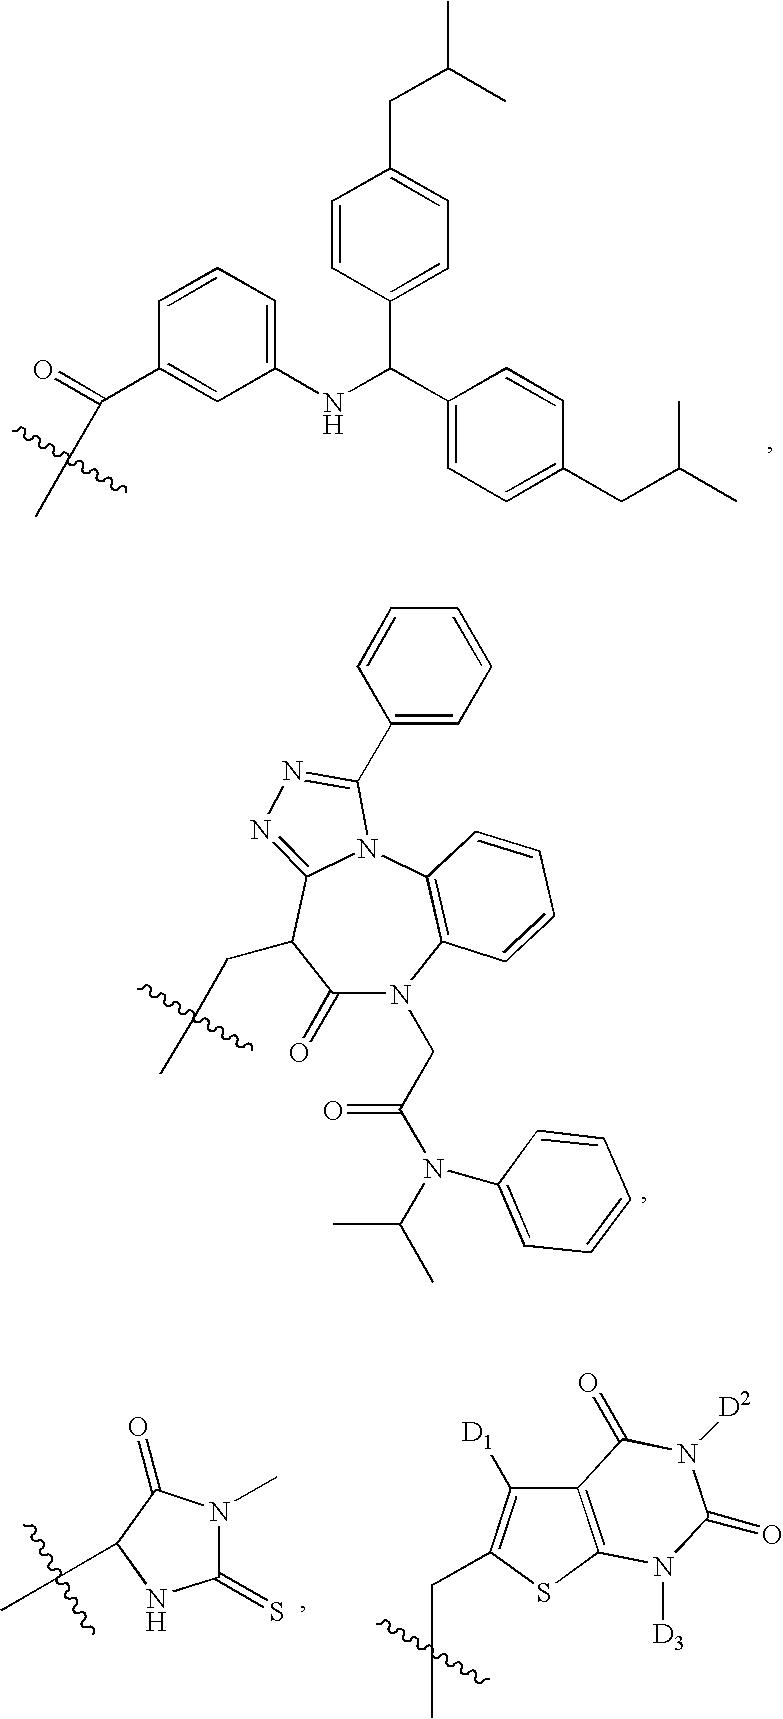 Figure US20100249118A1-20100930-C00030